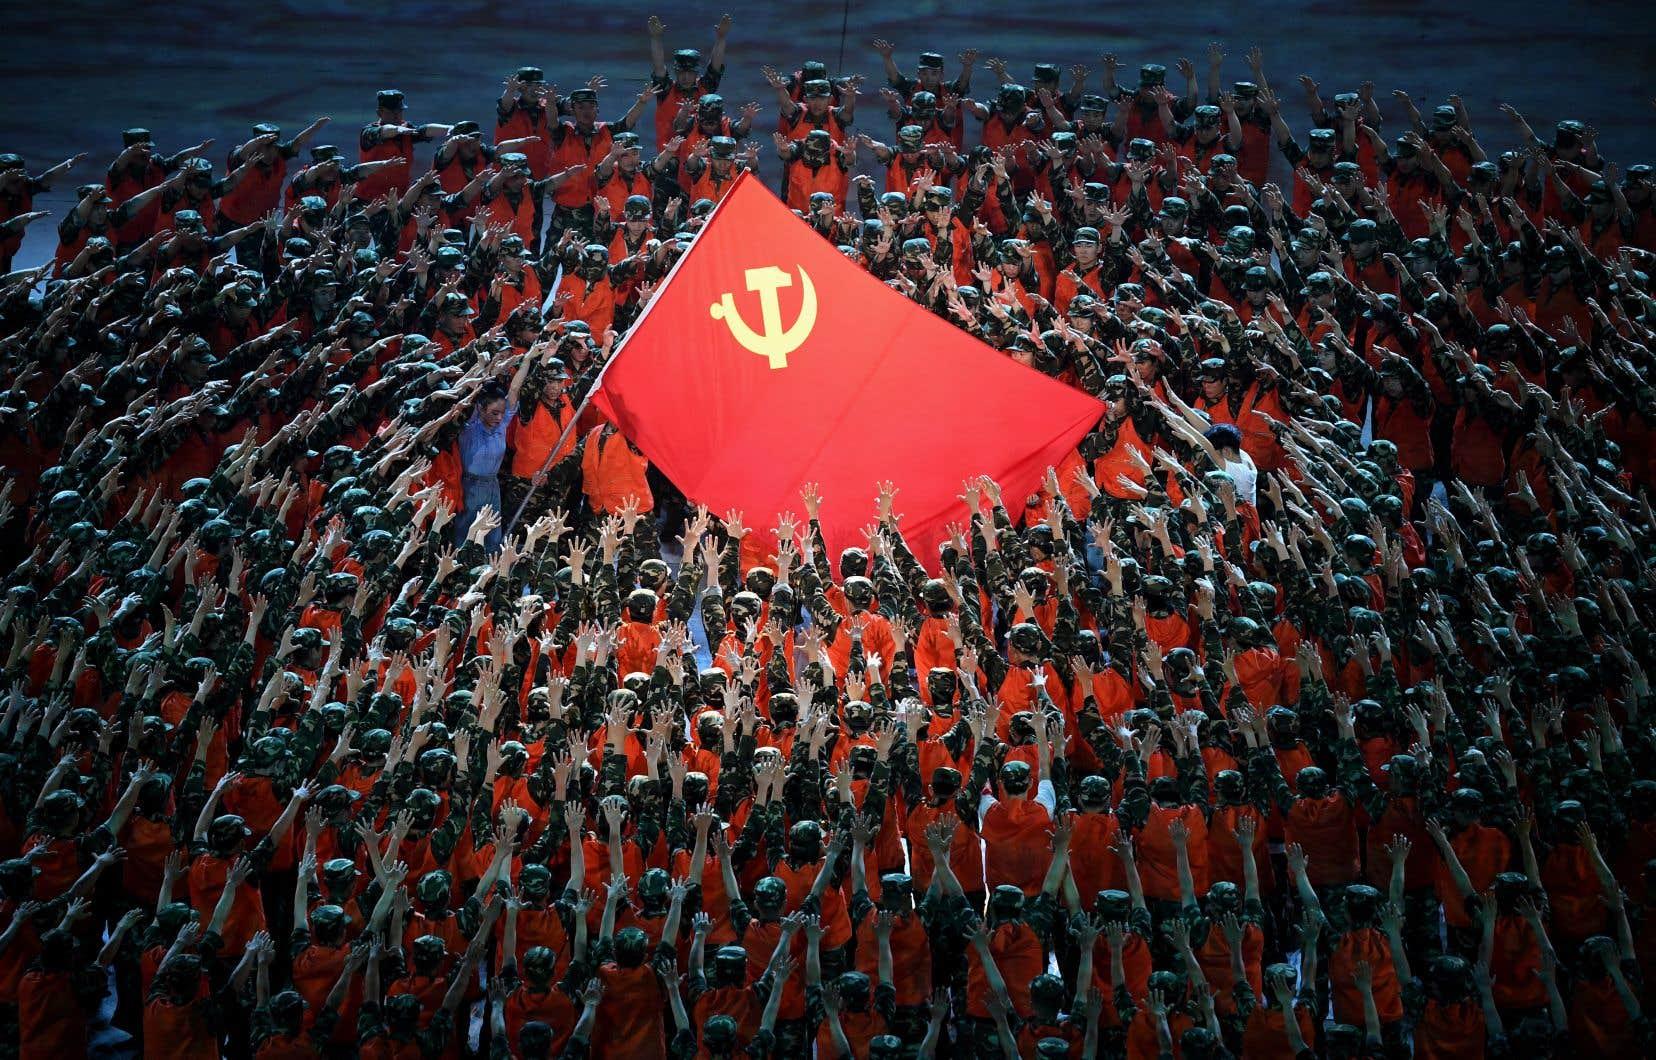 Des danseurs exécutent une chorégraphie dans le cadre de la célébration du 100e anniversaire de la fondation du Parti communiste chinois, à Pékin le 28 juin 2021.